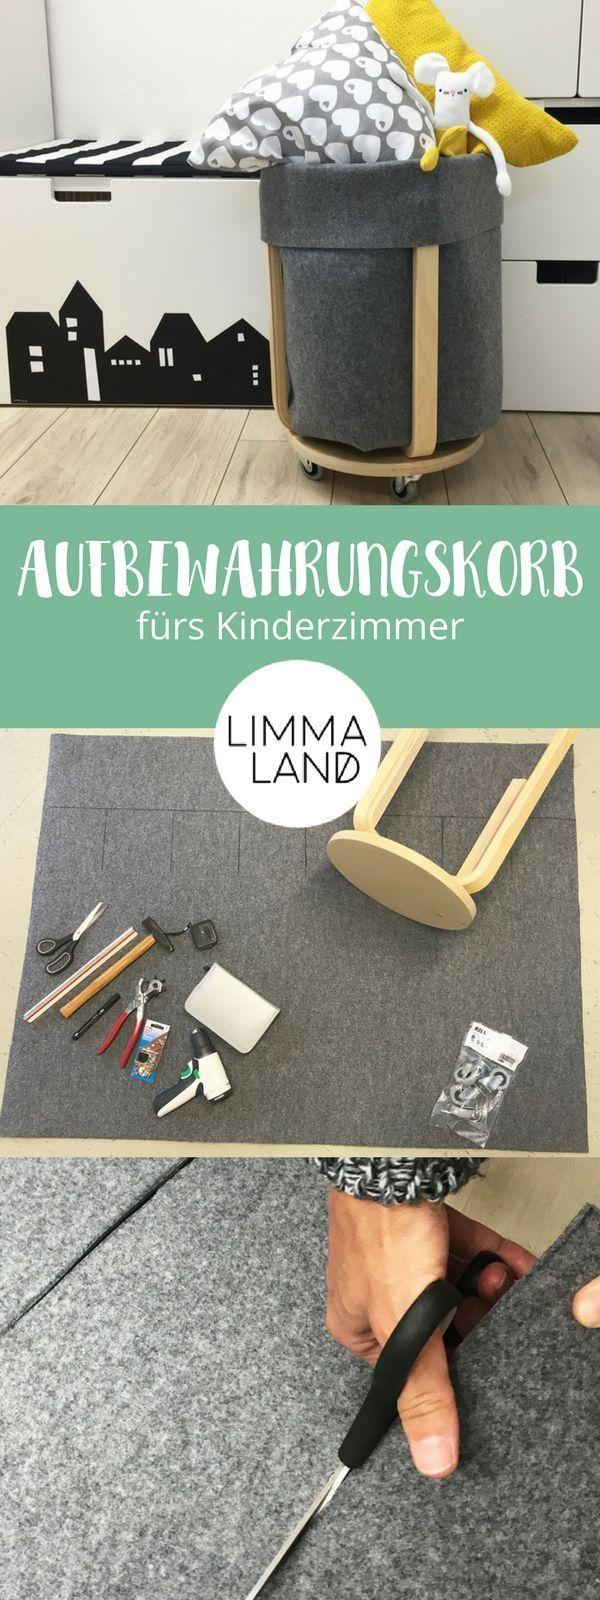 IKEA Hack Filz Utensilo basteln statt nähen mit dem